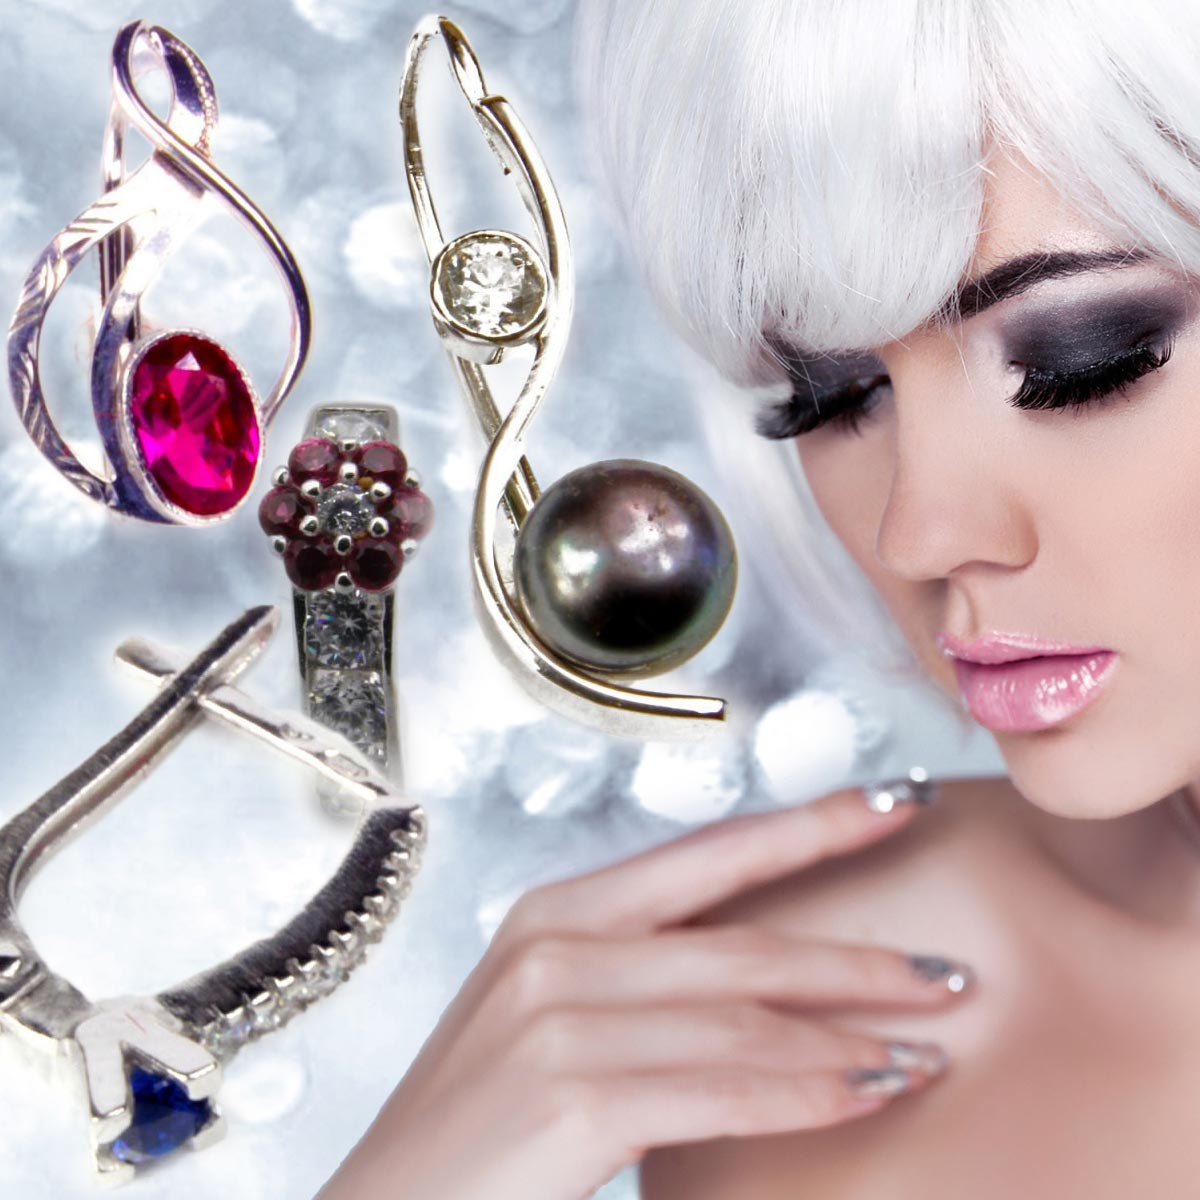 Šperky a vlasy musia ladiť – k aktuálnemu módnemu trendu strieborných a platina blond vlasov si vyberte náušnice z bieleho zlata.